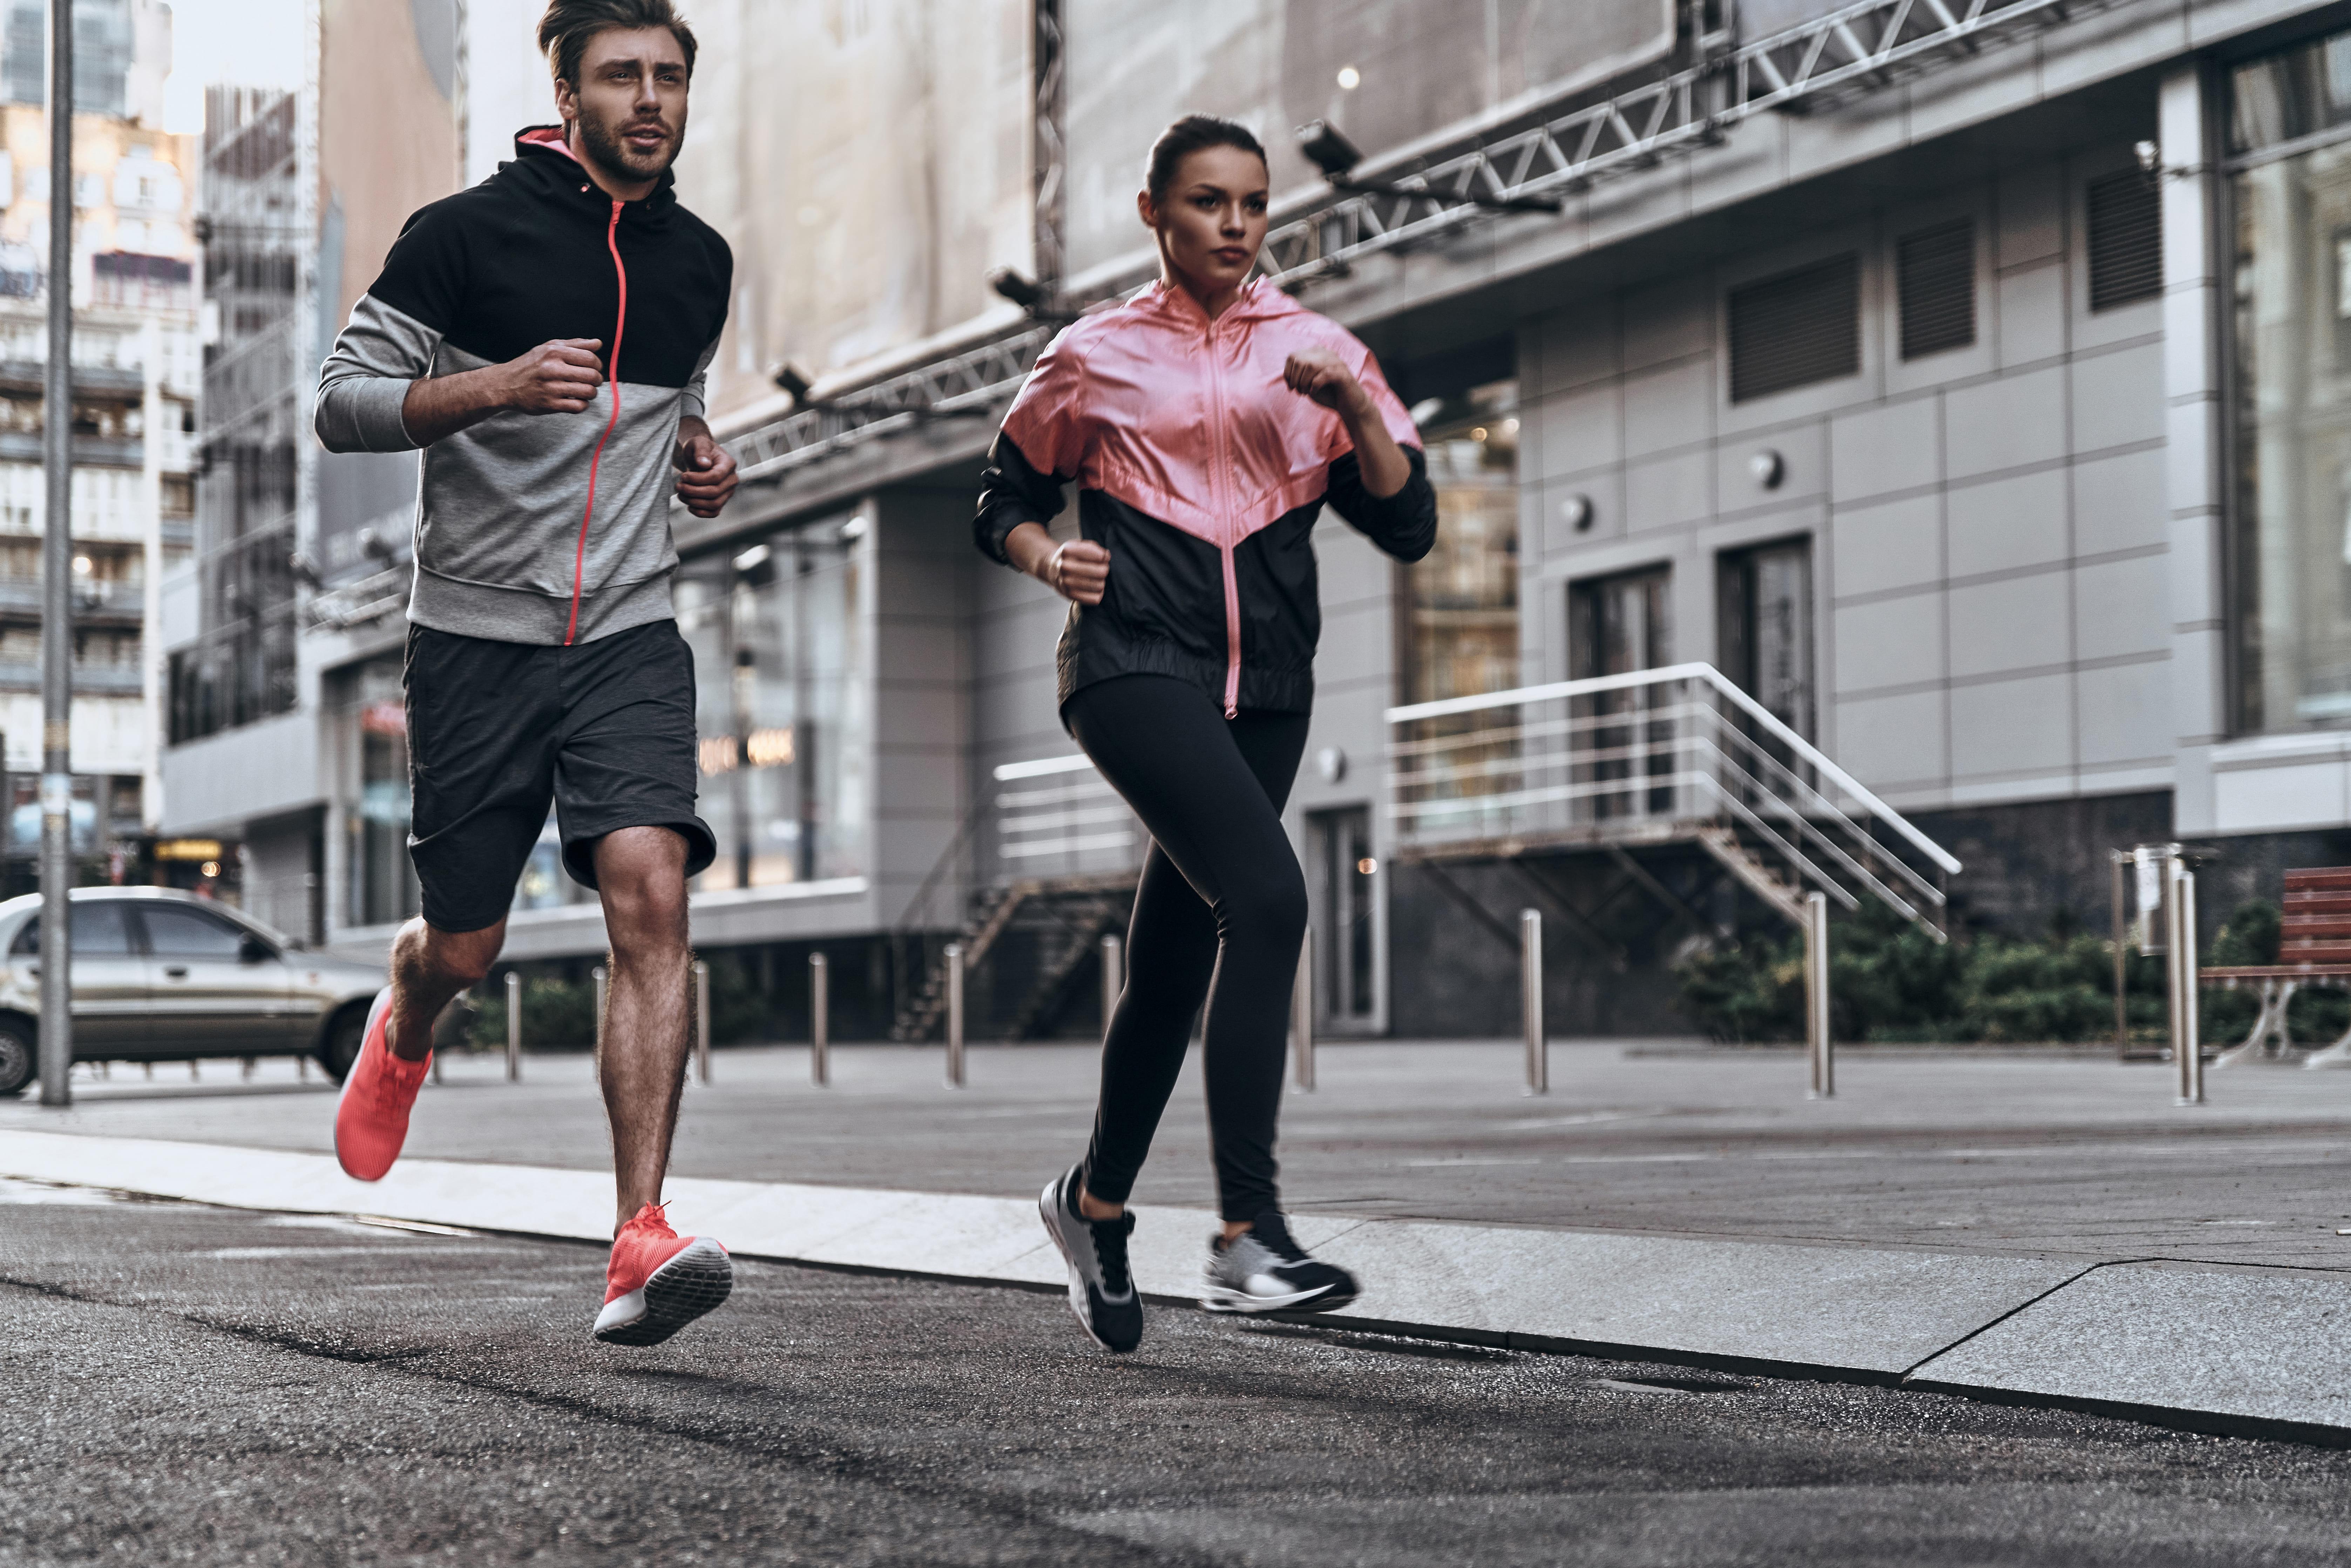 Imagem de duas pessoas correndo com roupas esportivas depois que um empreendedor buscou como abrir uma loja de confecção de roupas esportivas